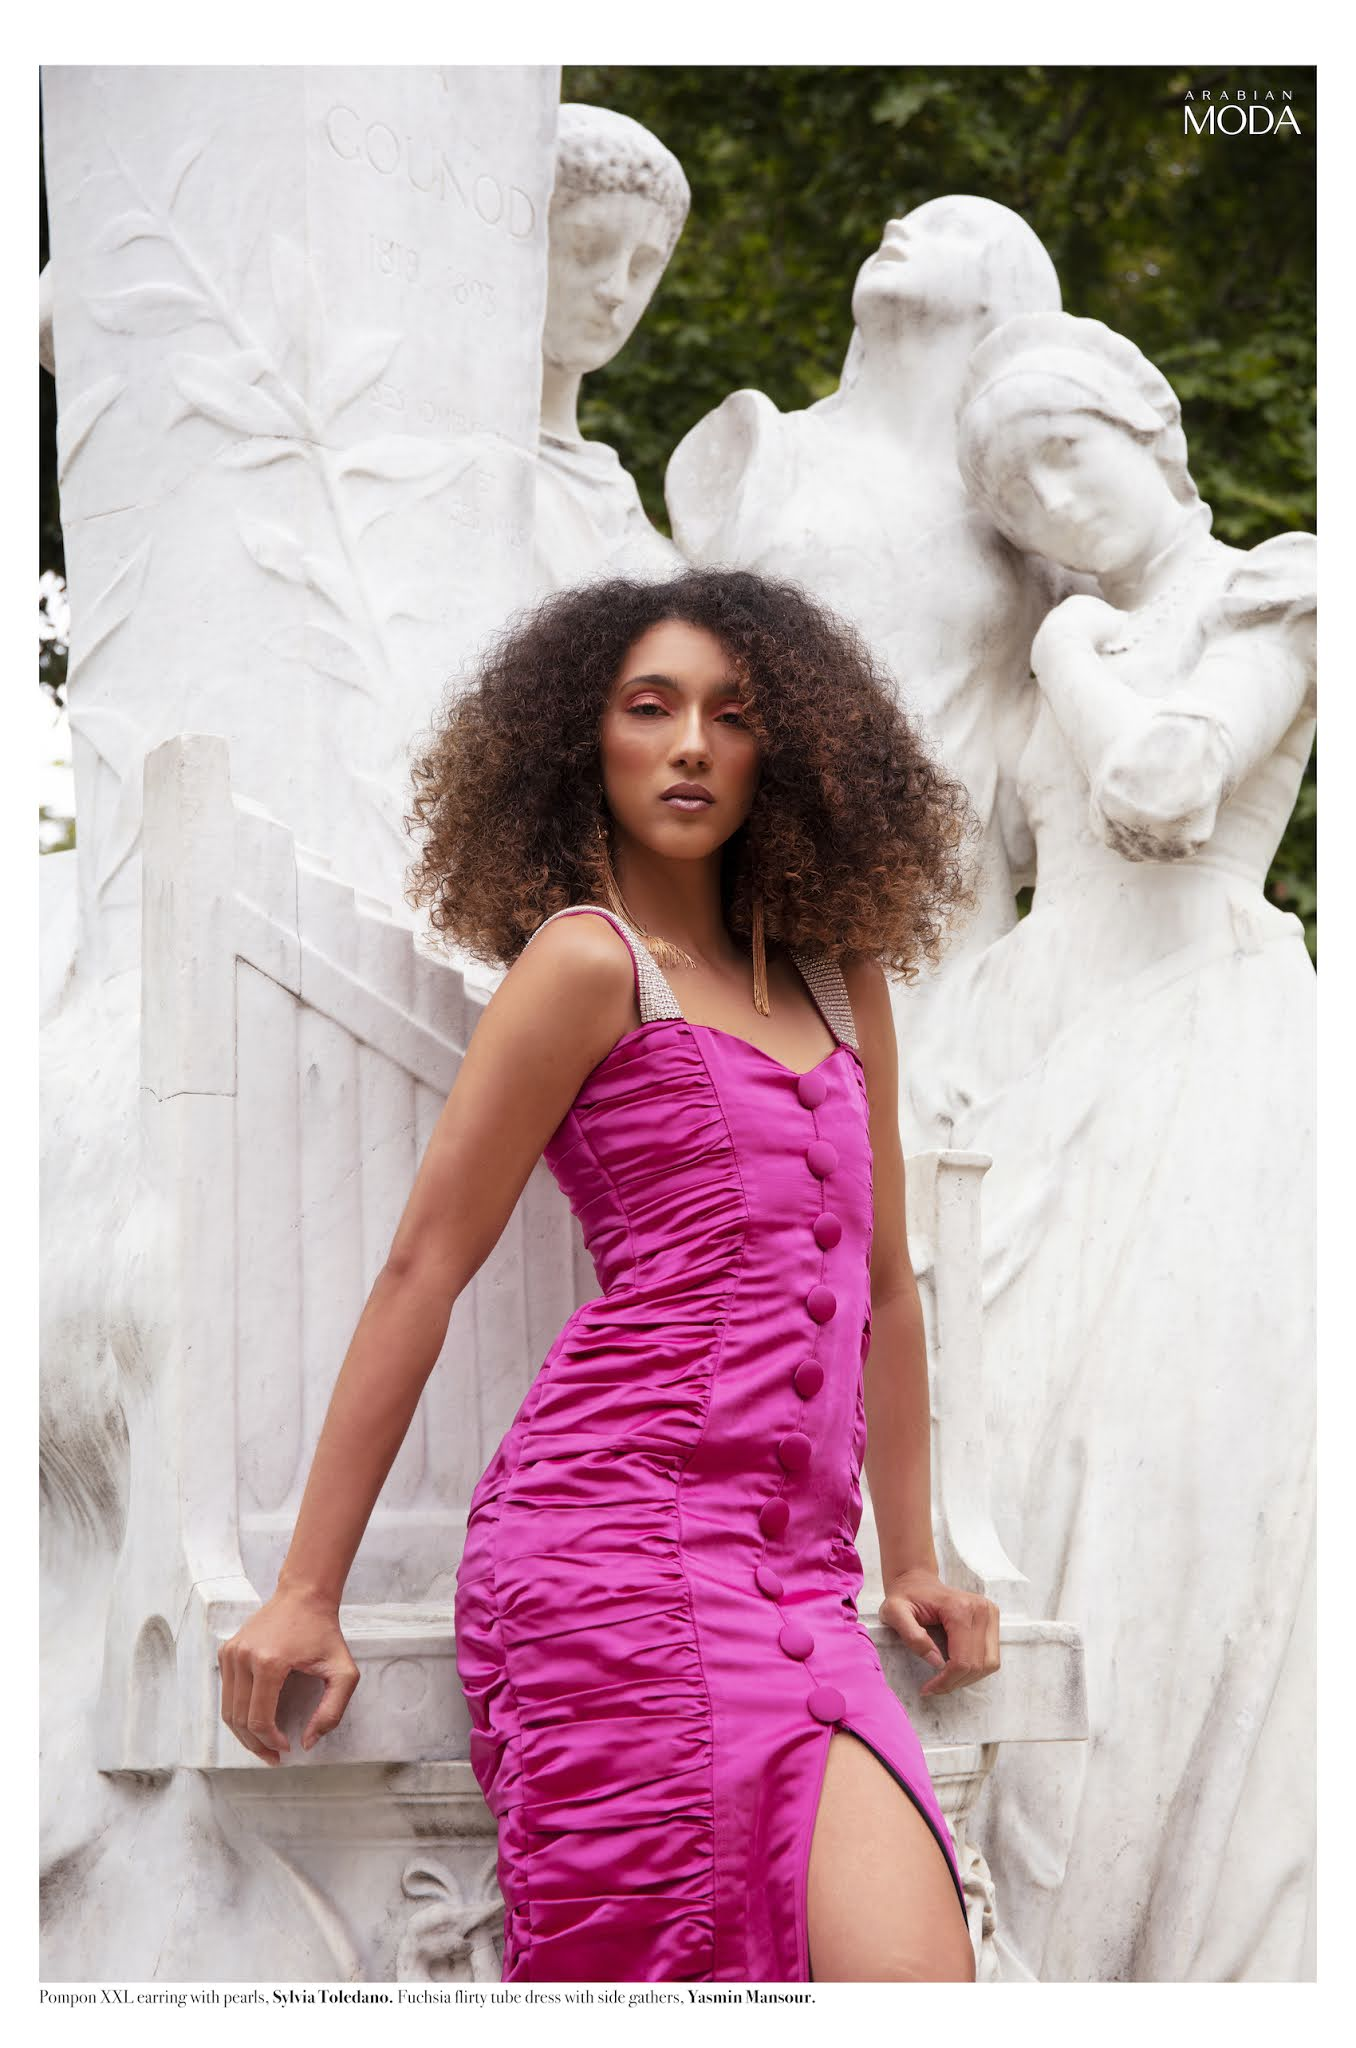 Arabian Moda x Yasmin Mansour x Sylvia Toledano